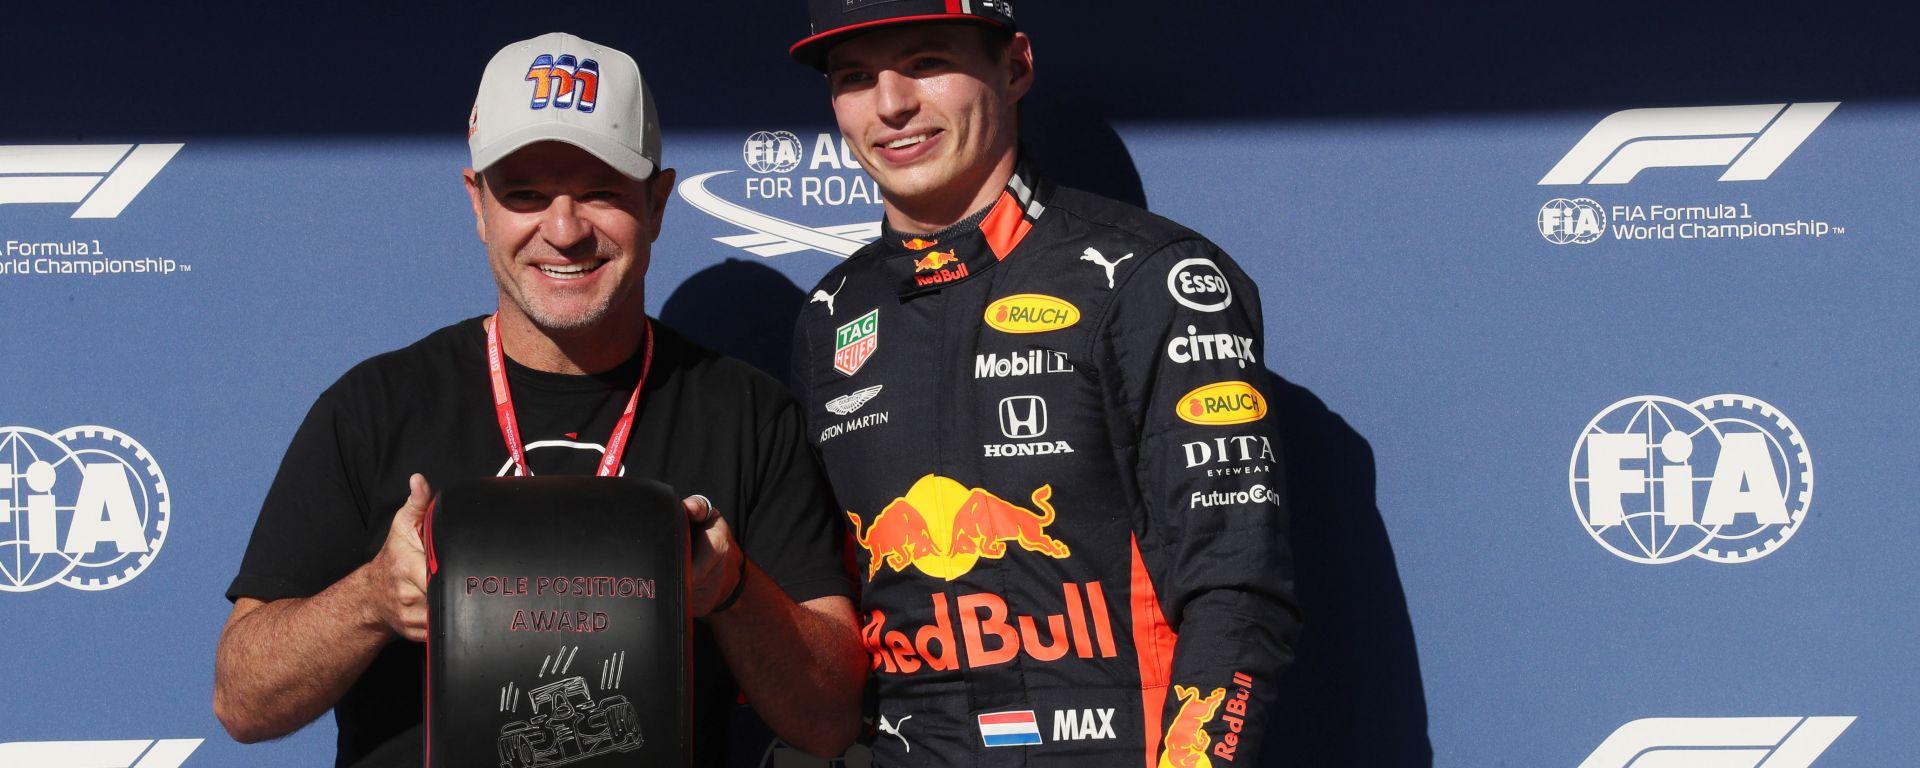 F1 GP Brasile 2019, Interlagos: Rubens Barrichello consegna il premio pole a Max Verstappen (Red Bull)